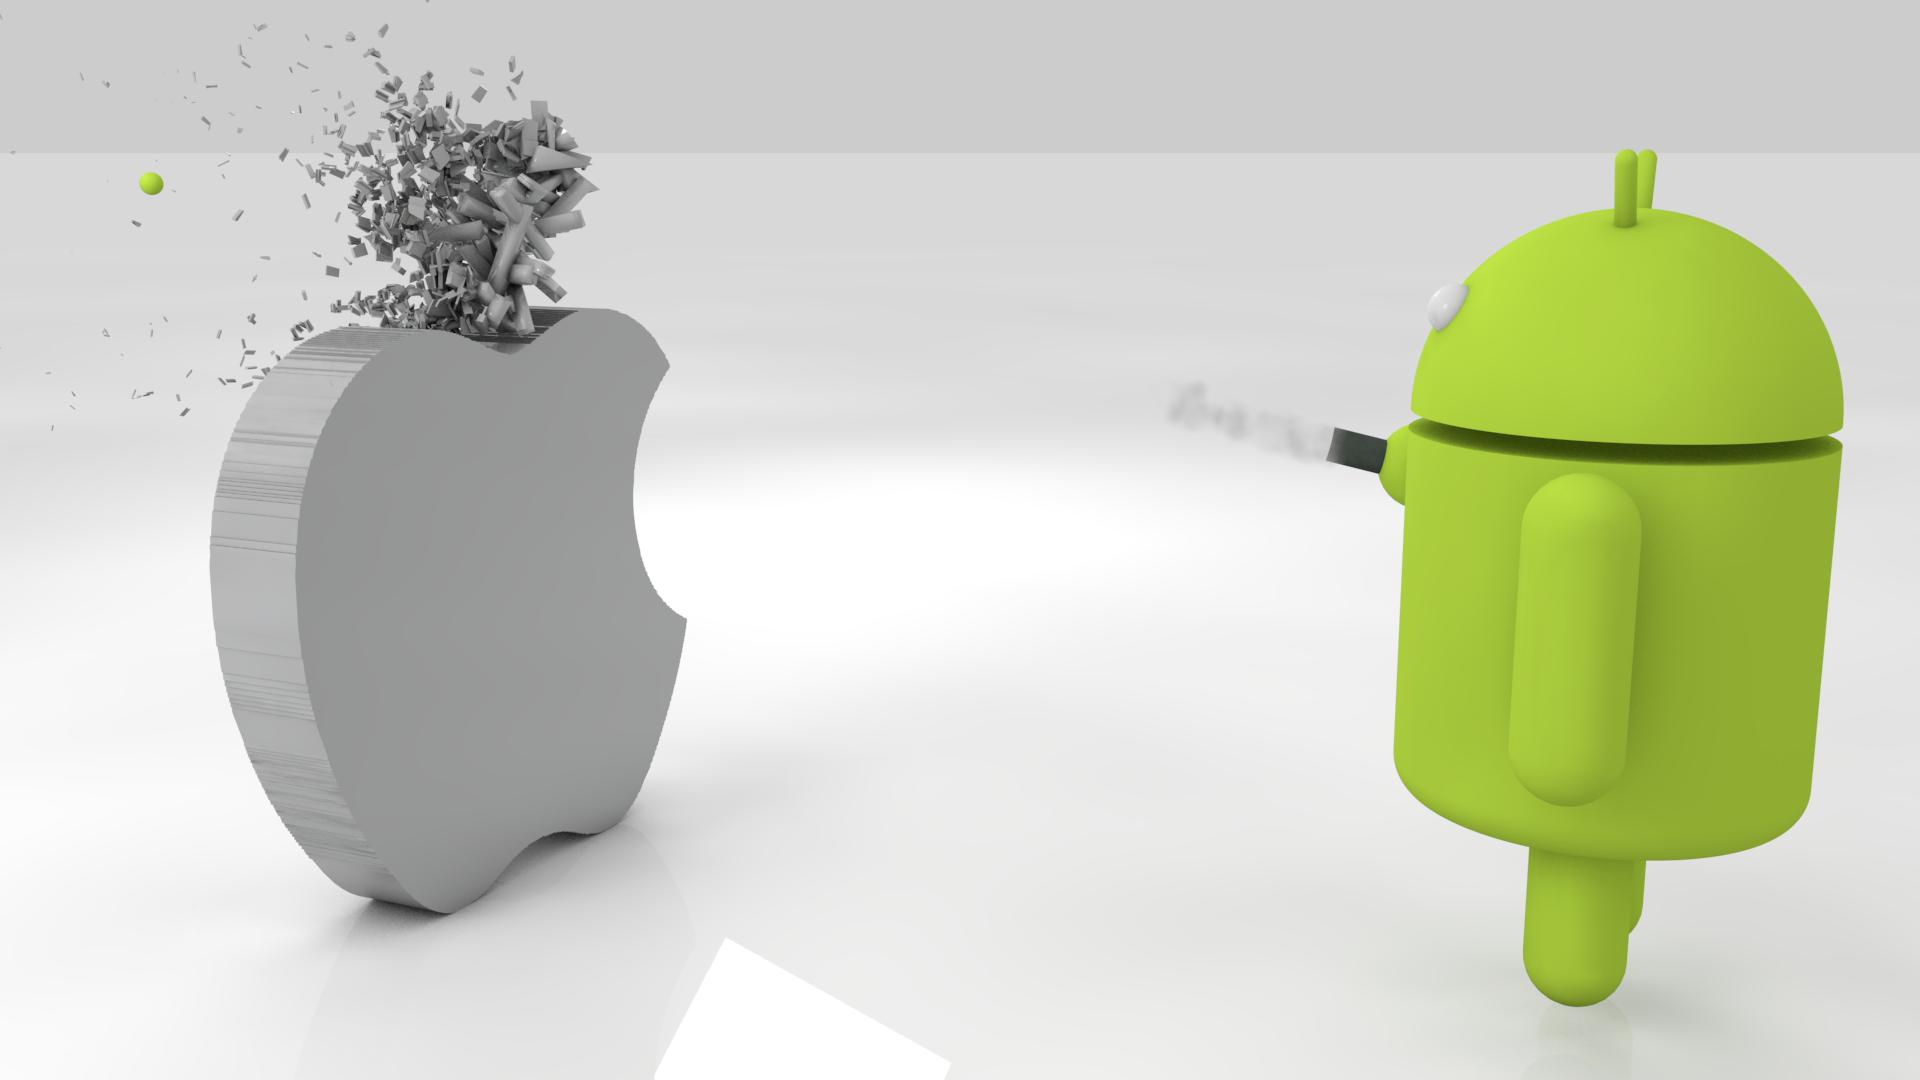 android-vs-ios-realmente-merece-la-pena-discutir